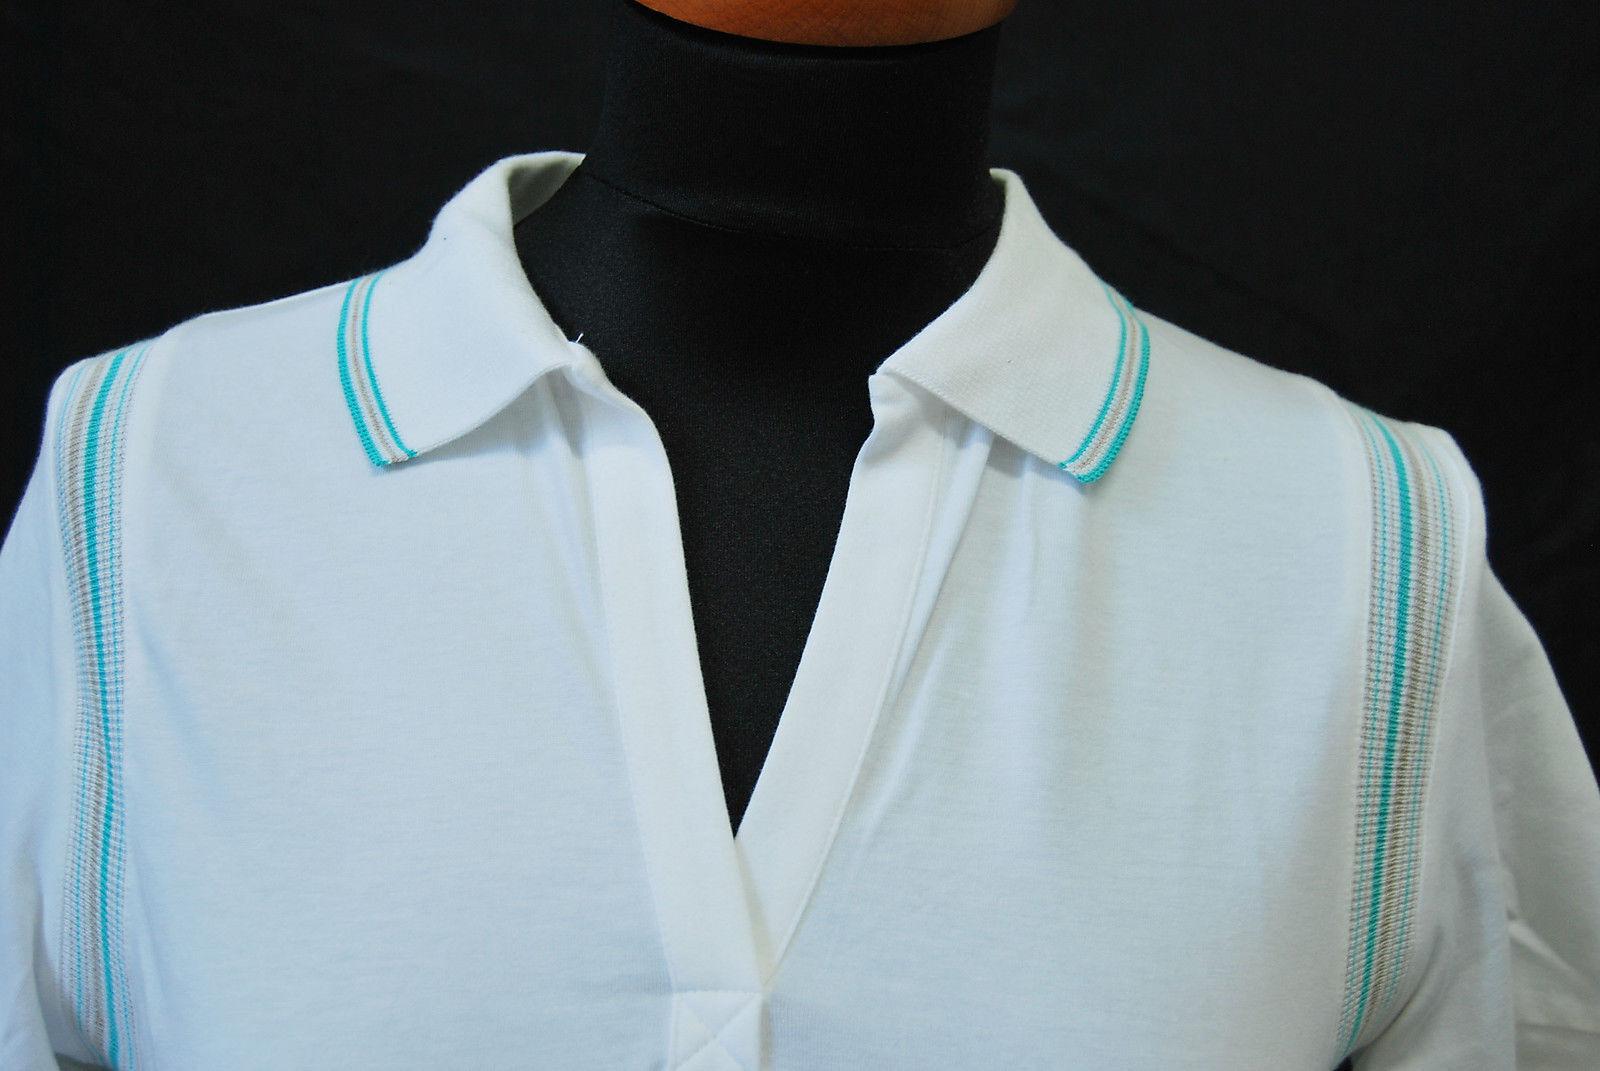 MV Marie Valois Shirt Stretch NEU Gr. Gr. Gr. M  Polo Jersey  Funktion 89,- D-1464 | Modern Und Elegant  | Spielen Sie auf der ganzen Welt und verhindern Sie, dass Ihre Kinder einsam sind  | Zürich Online Shop  | Qualitätsprodukte  020b4f